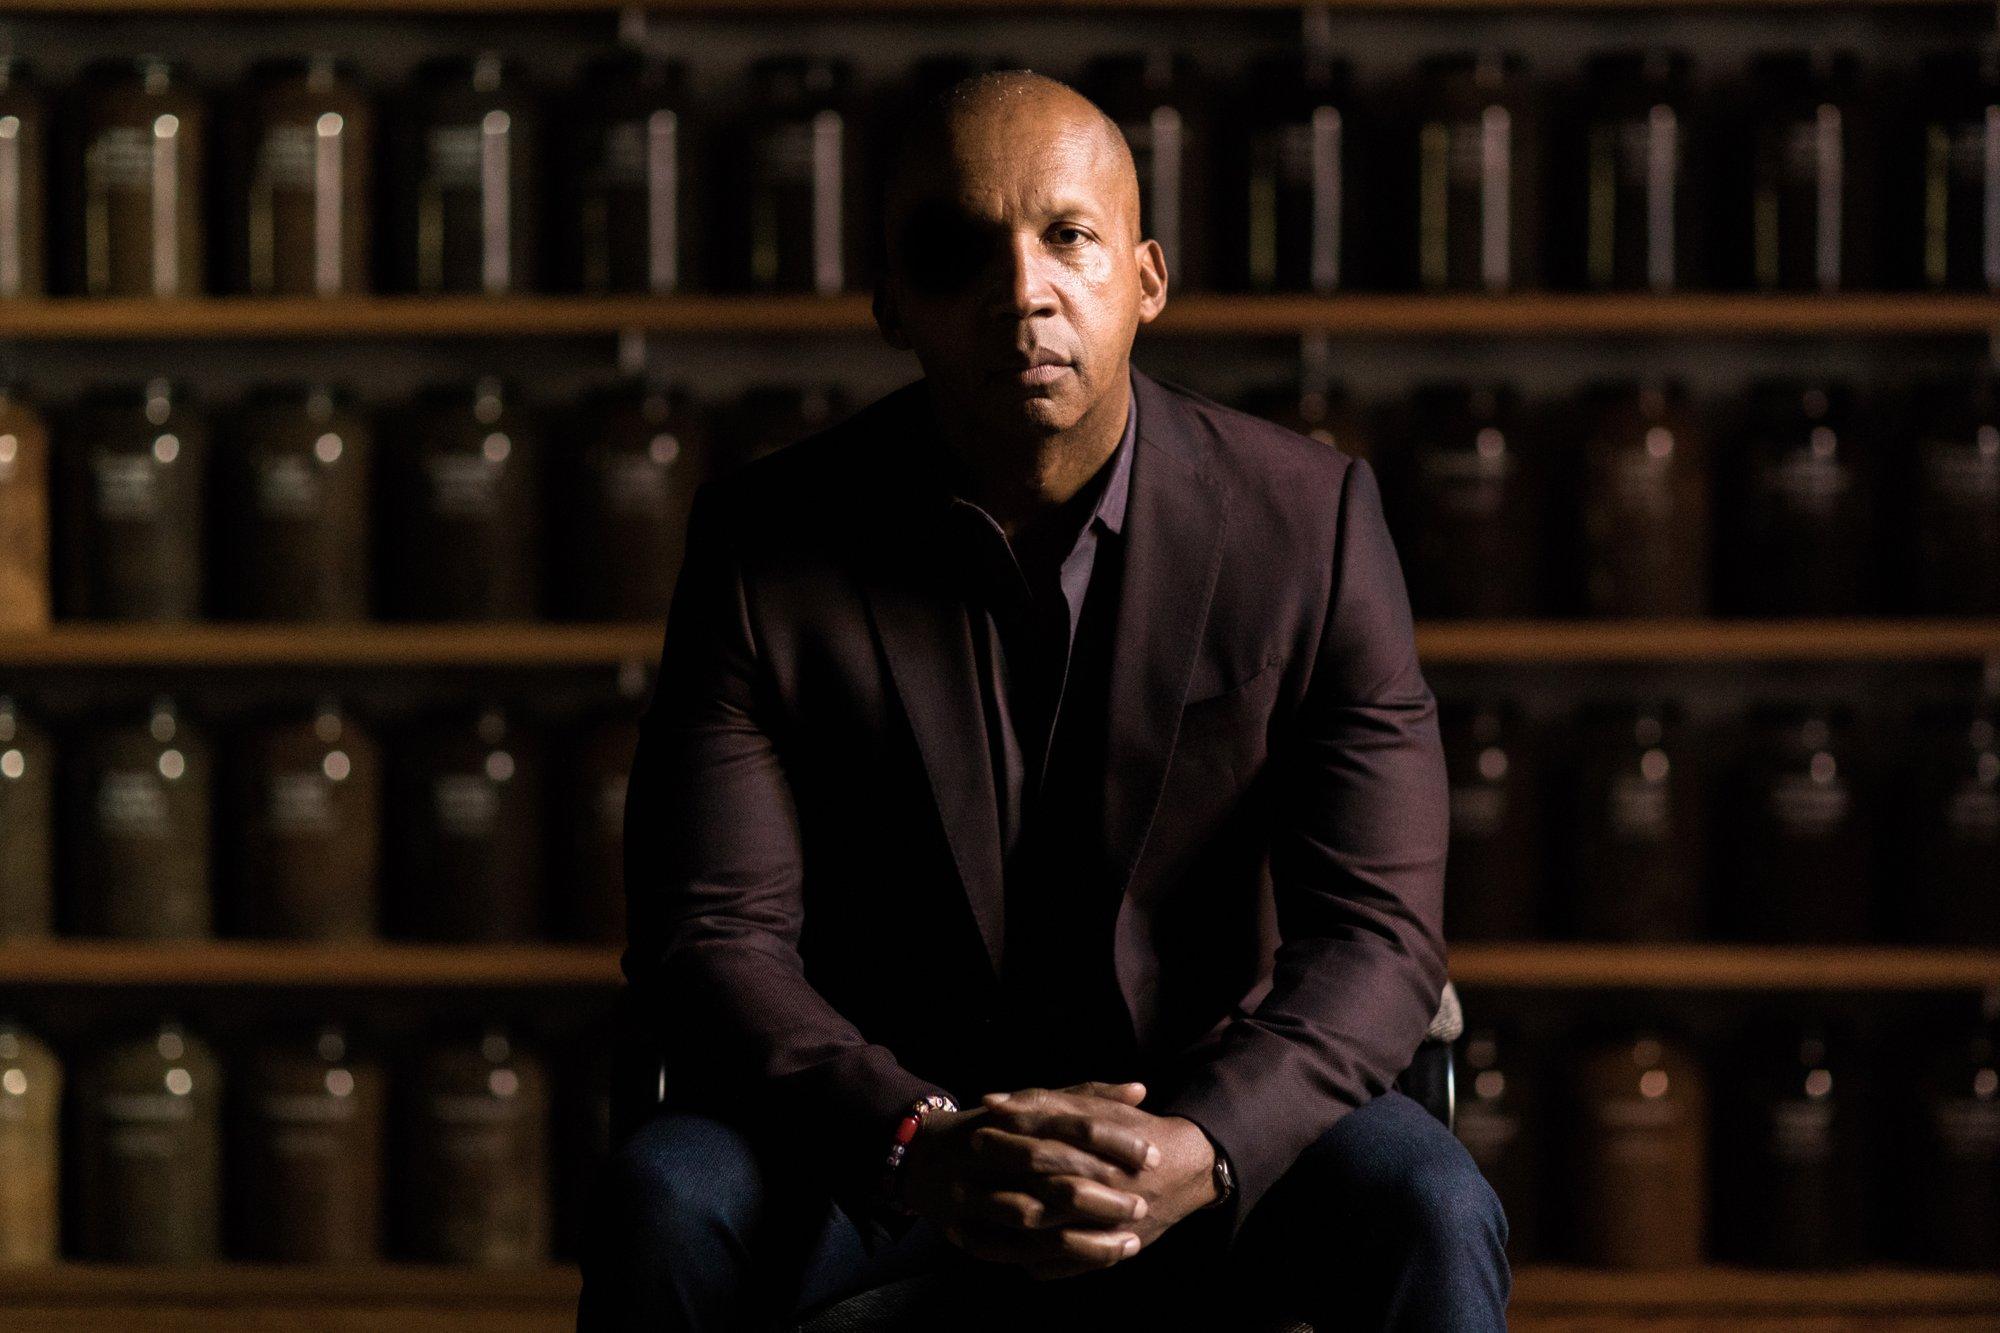 'True Justice' explores lawyer who defends death row inmates